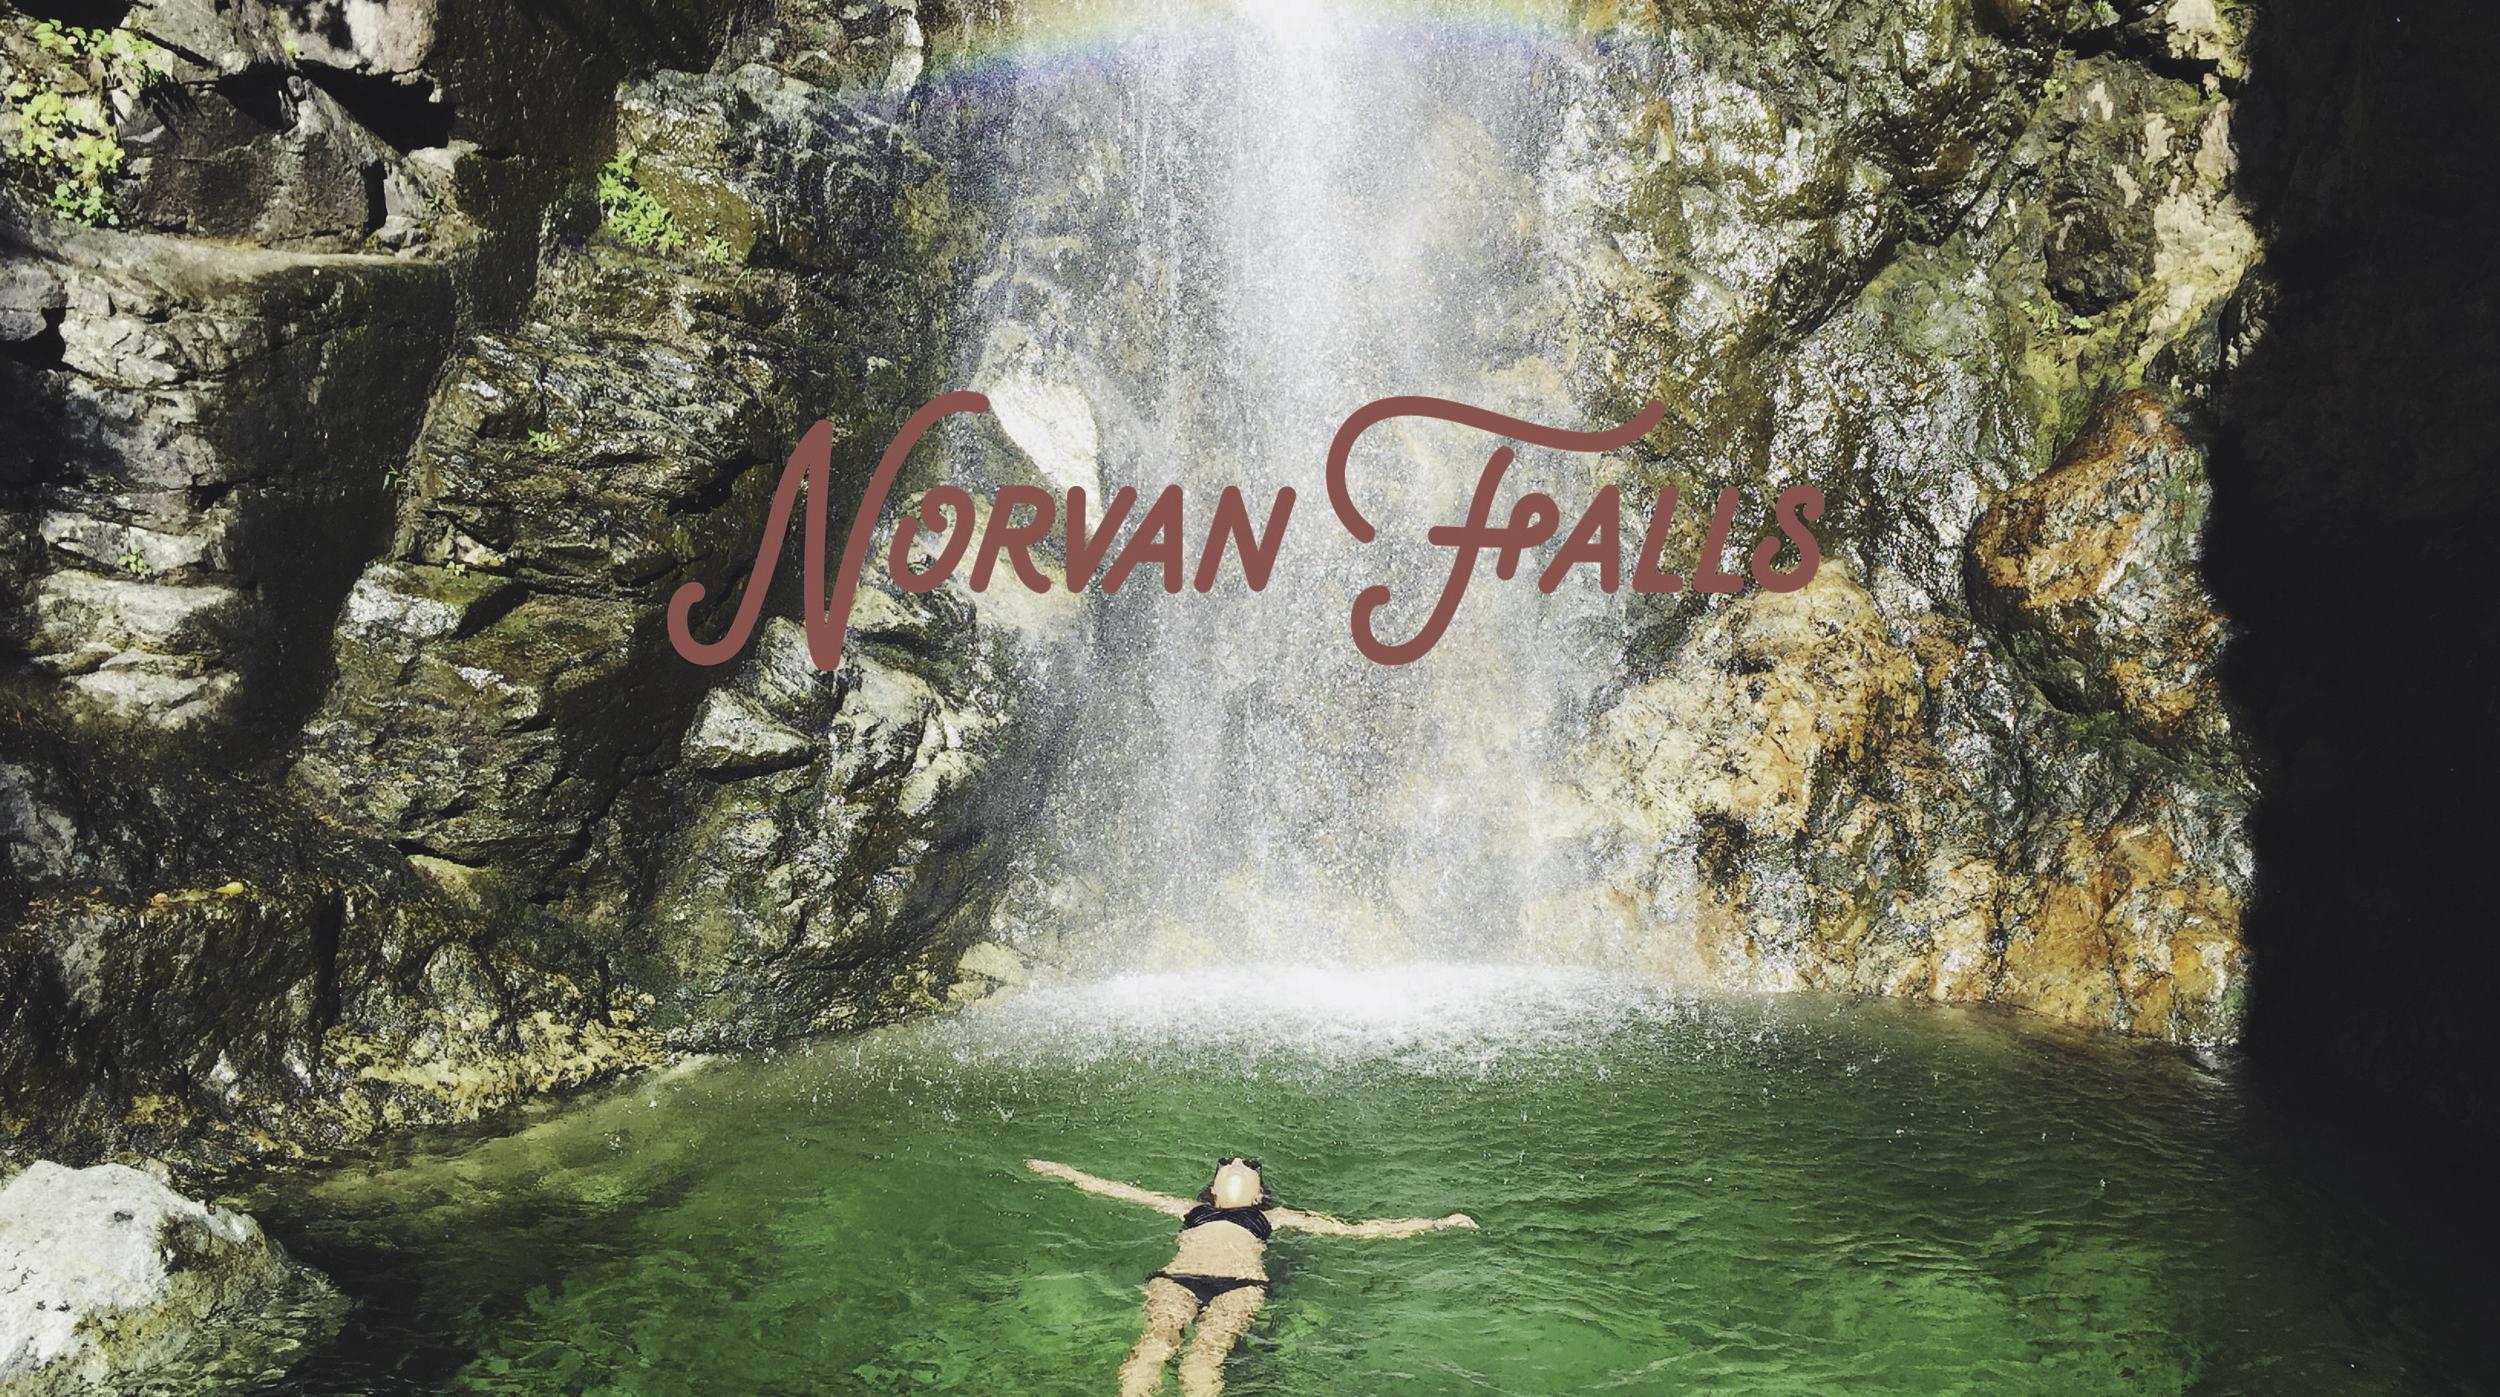 Norvan Falls - VancityWild